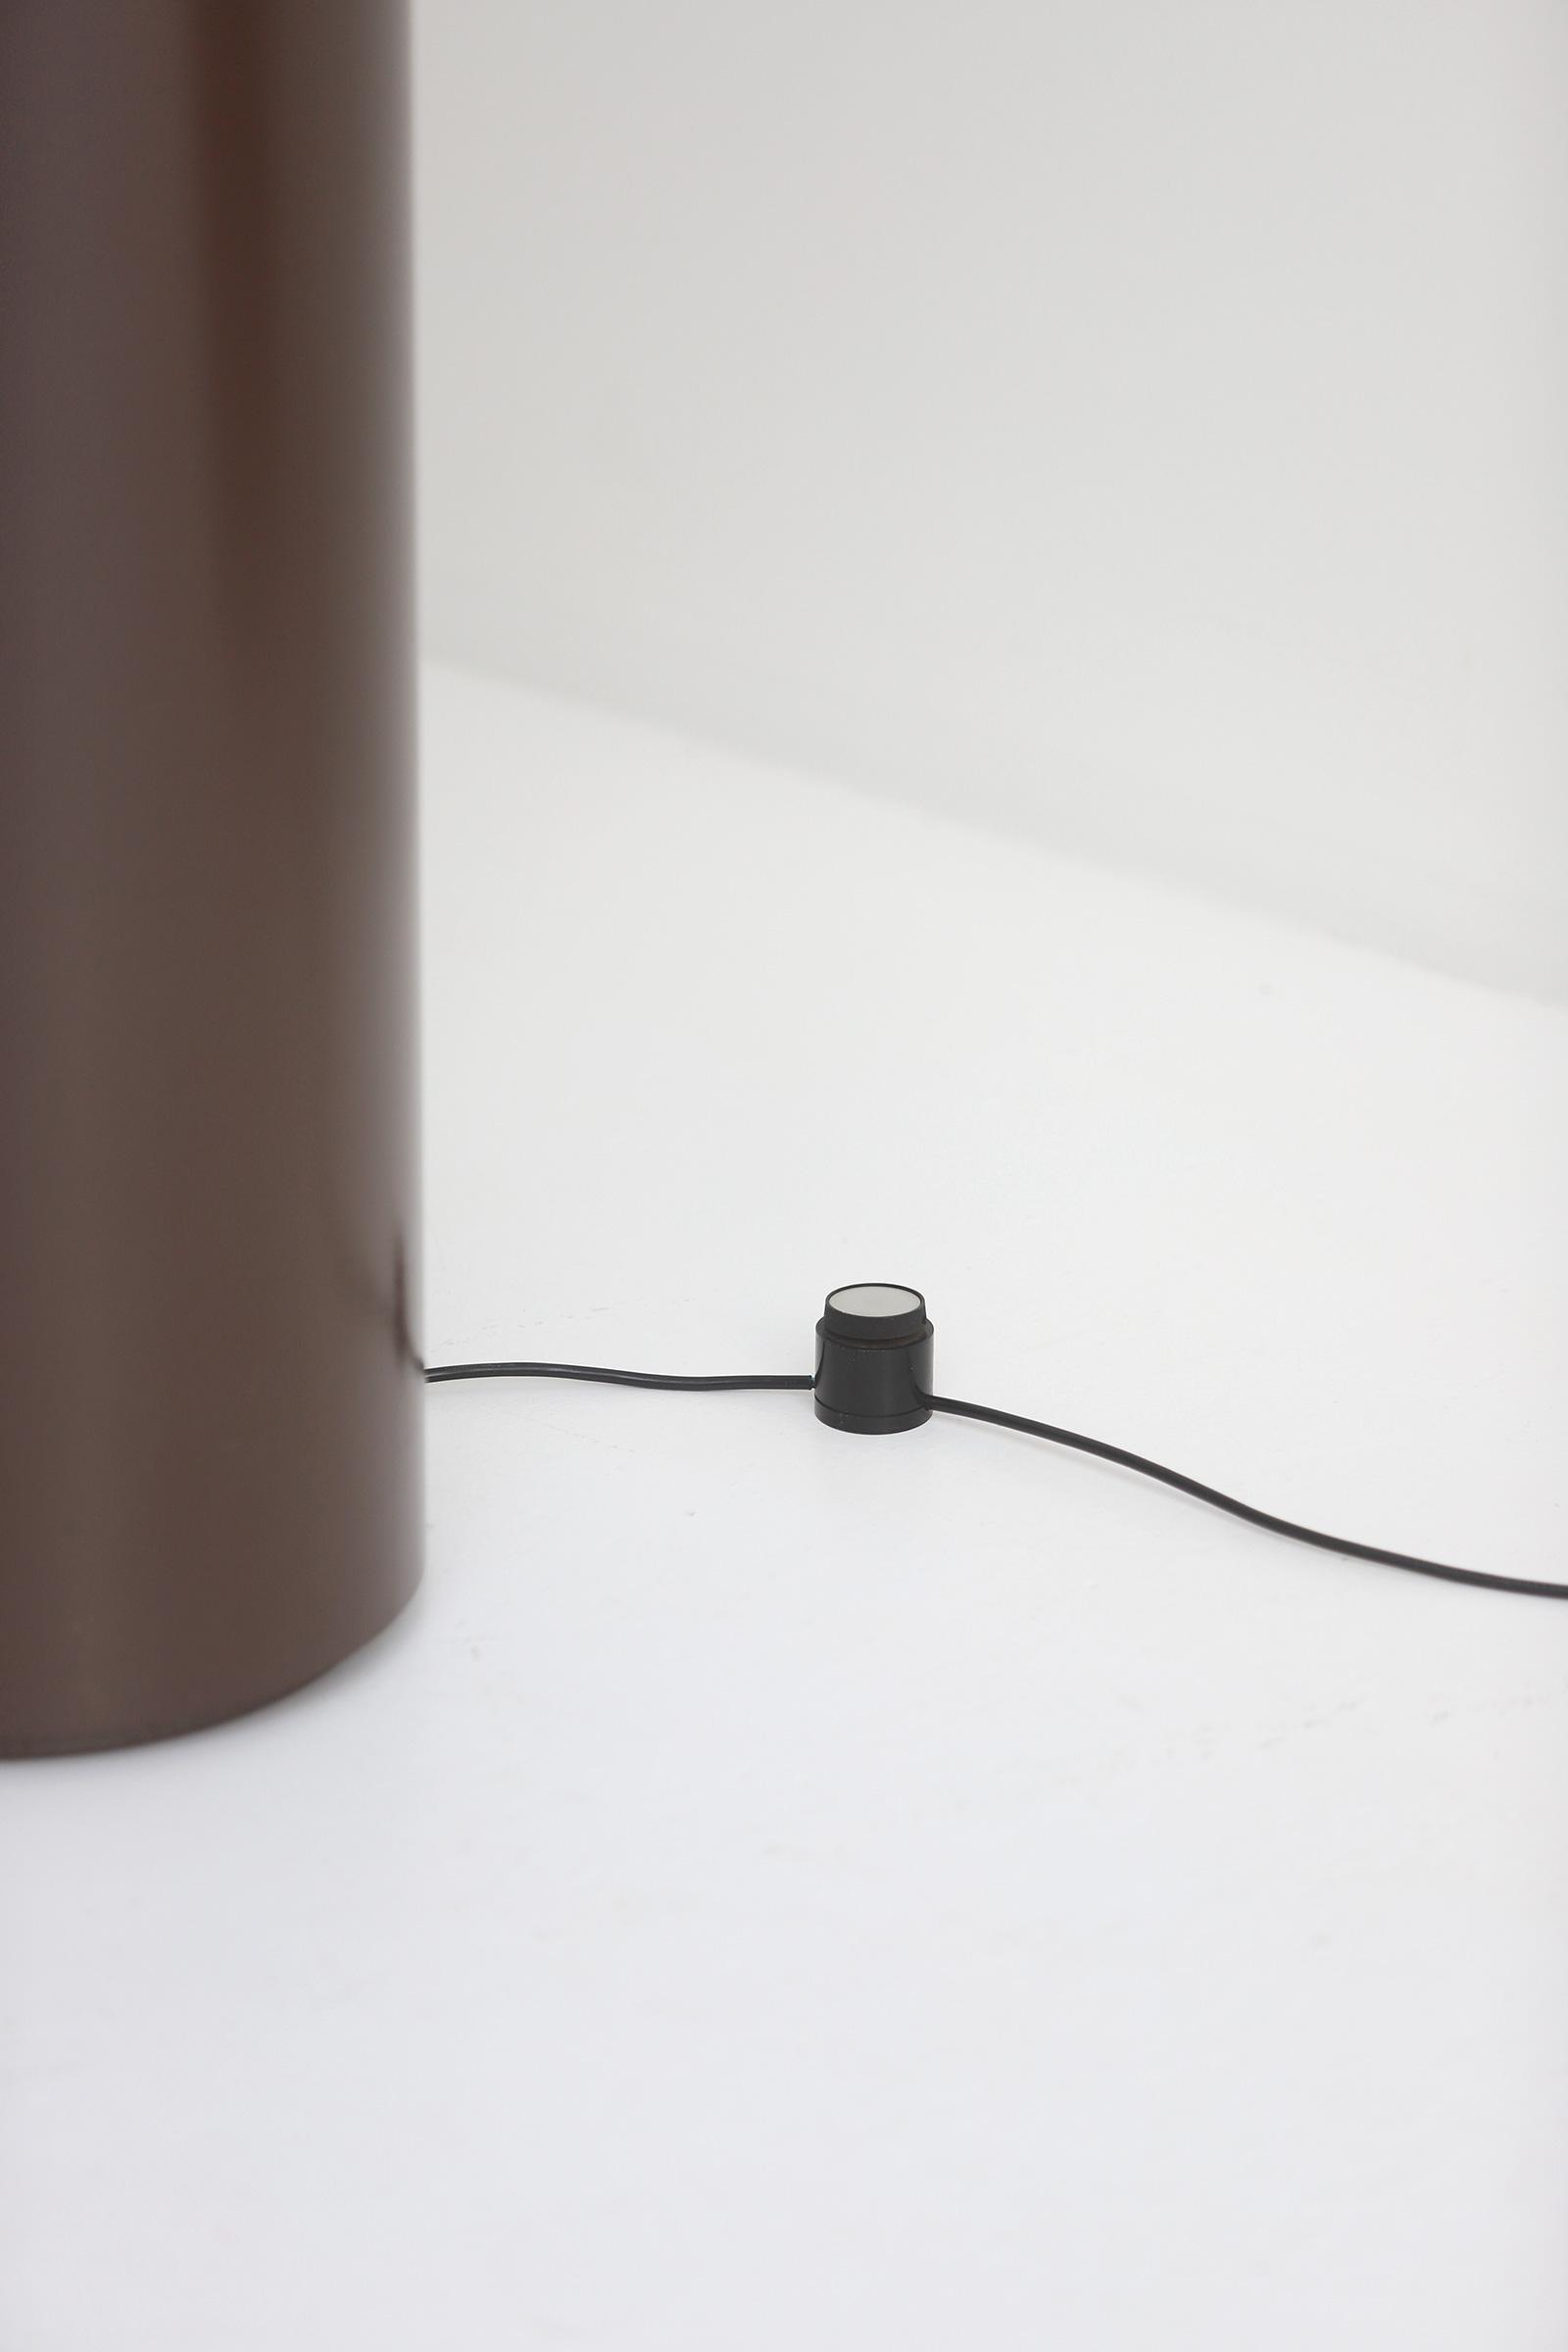 Gae Aulenti Oracle floor lamp for Artemideimage 3